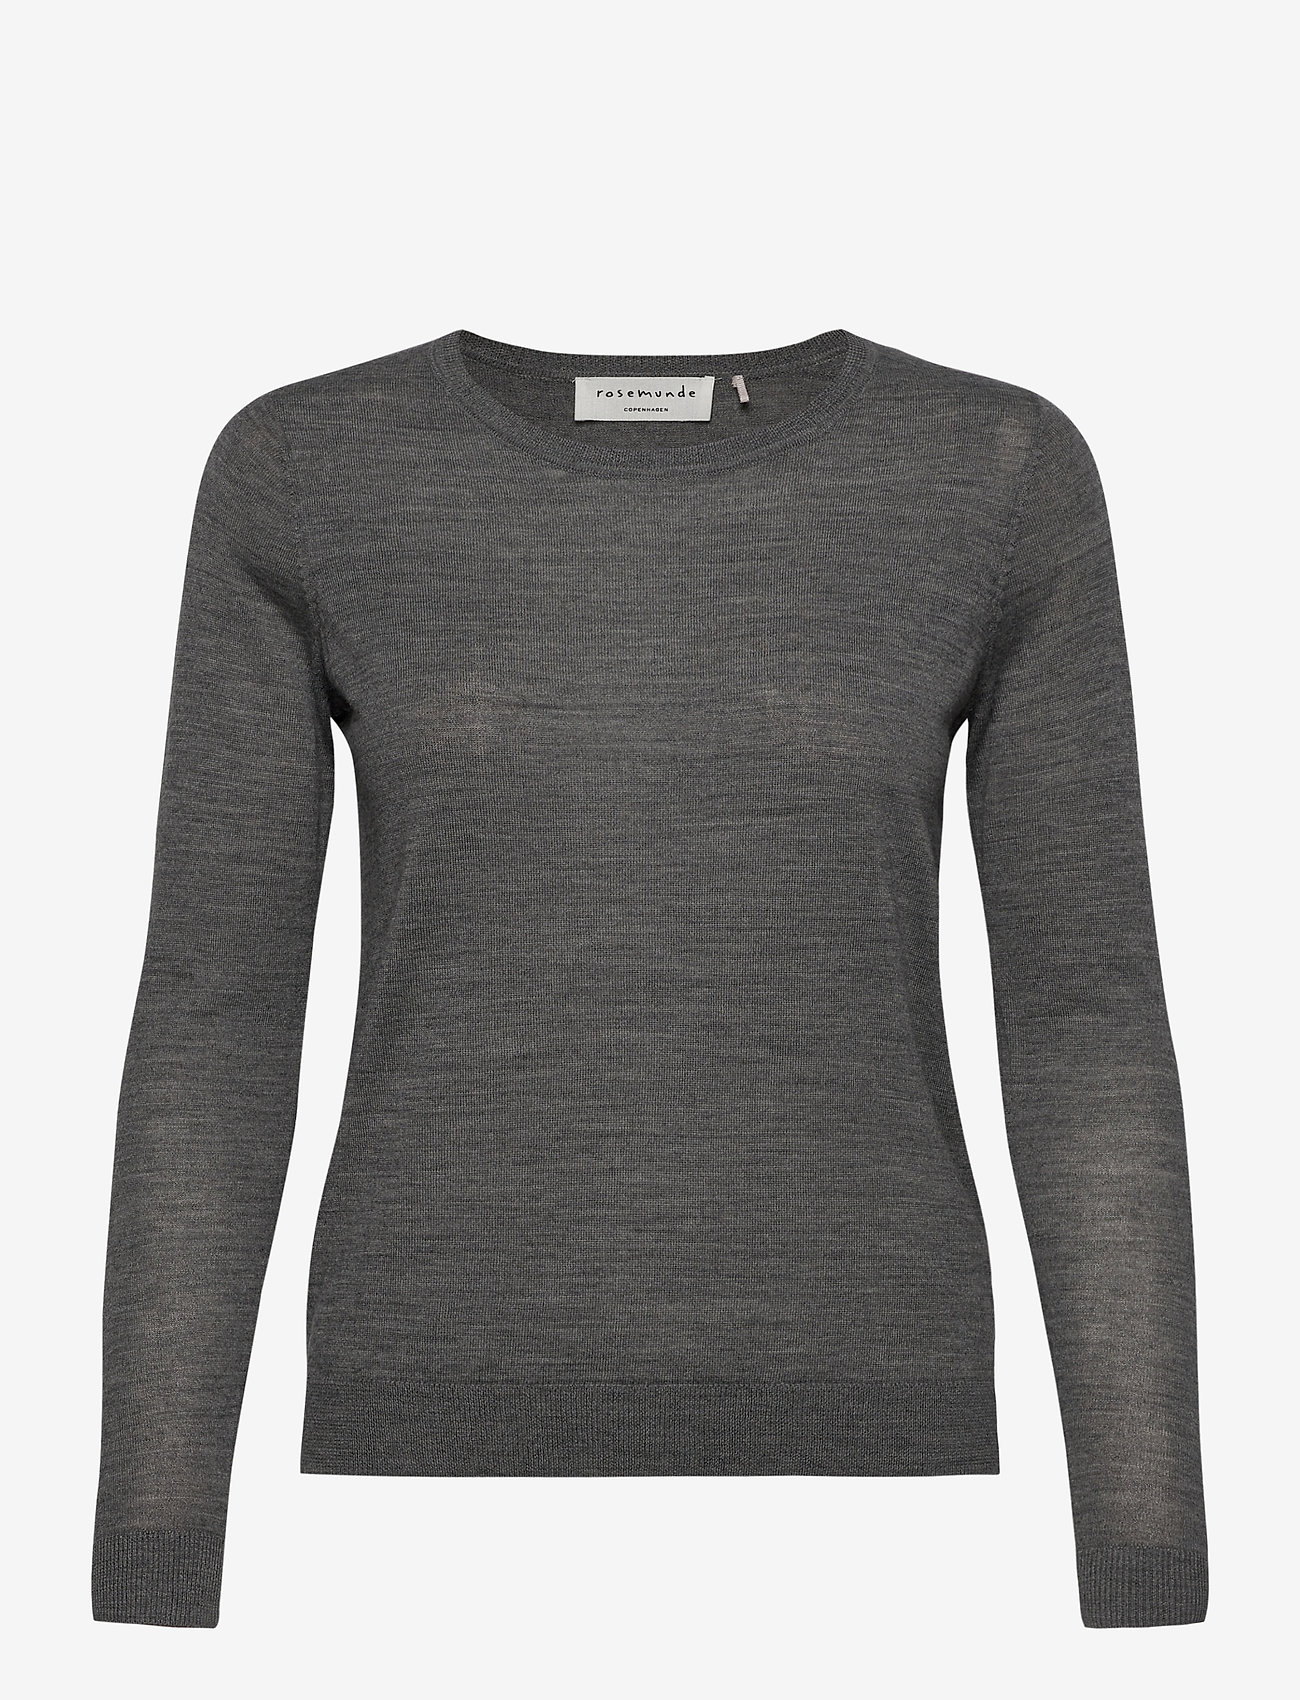 Rosemunde - Merino pullover ls - truien - medium grey melange - 0